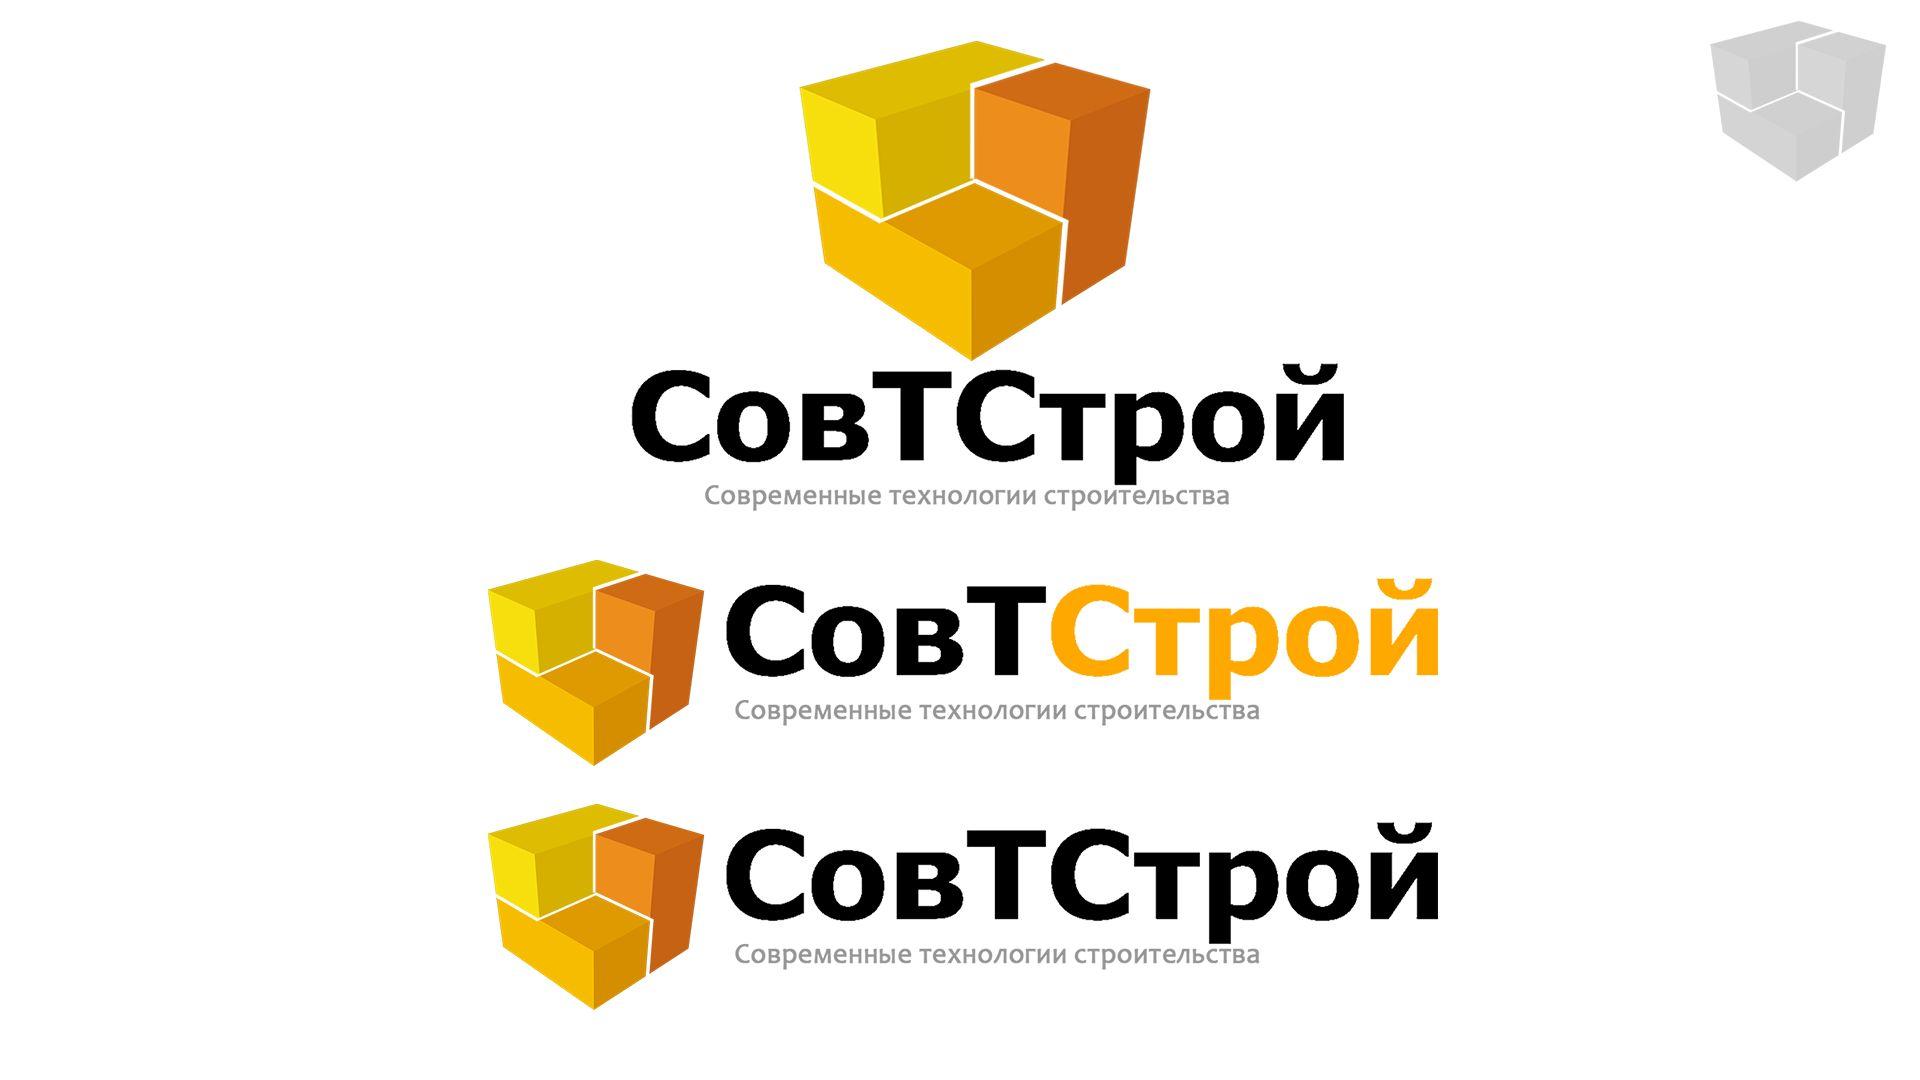 Логотип для поставщика строительных материалов - дизайнер RayGamesThe